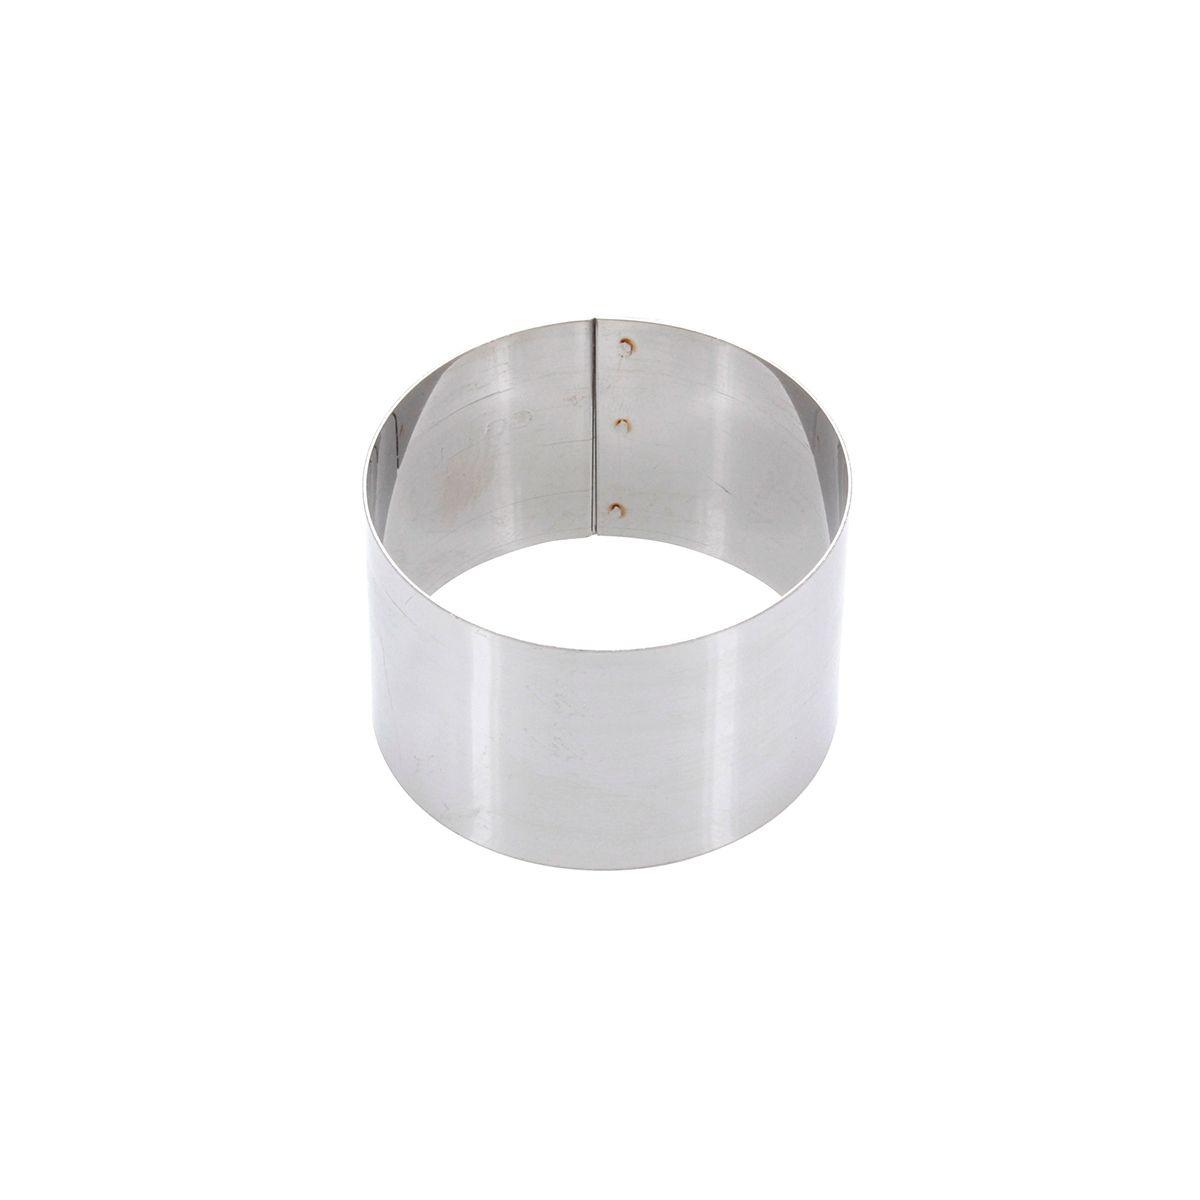 Cercle à pâtisserie individuel en inox 7 cm hauteur 4,5 cm - Alice Délice